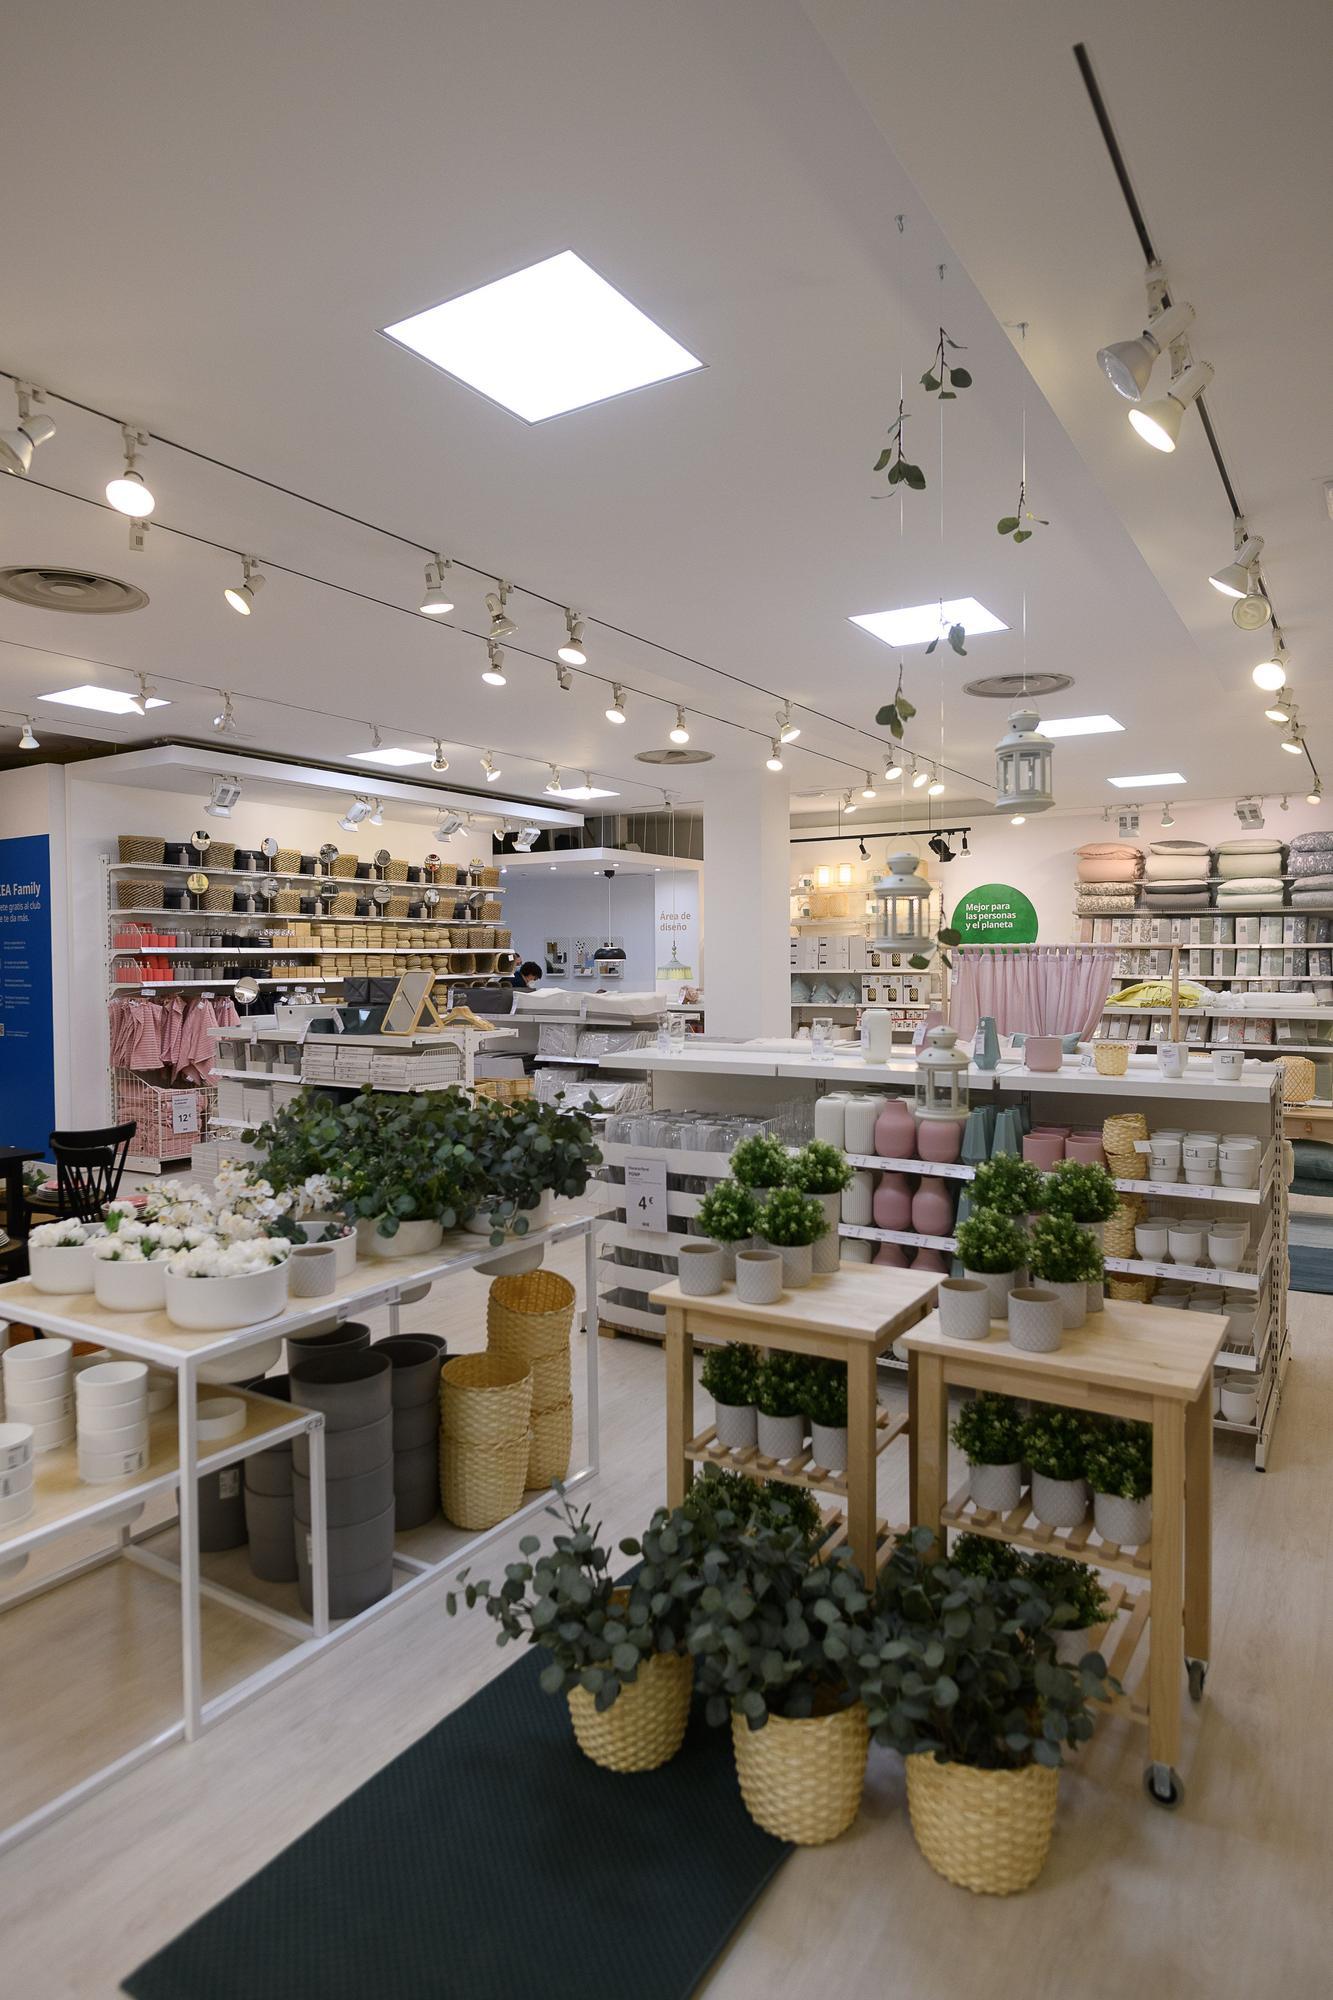 Así es la nueva tienda Ikea en Valencia, que ha abierto en el Centro Comercial Saler